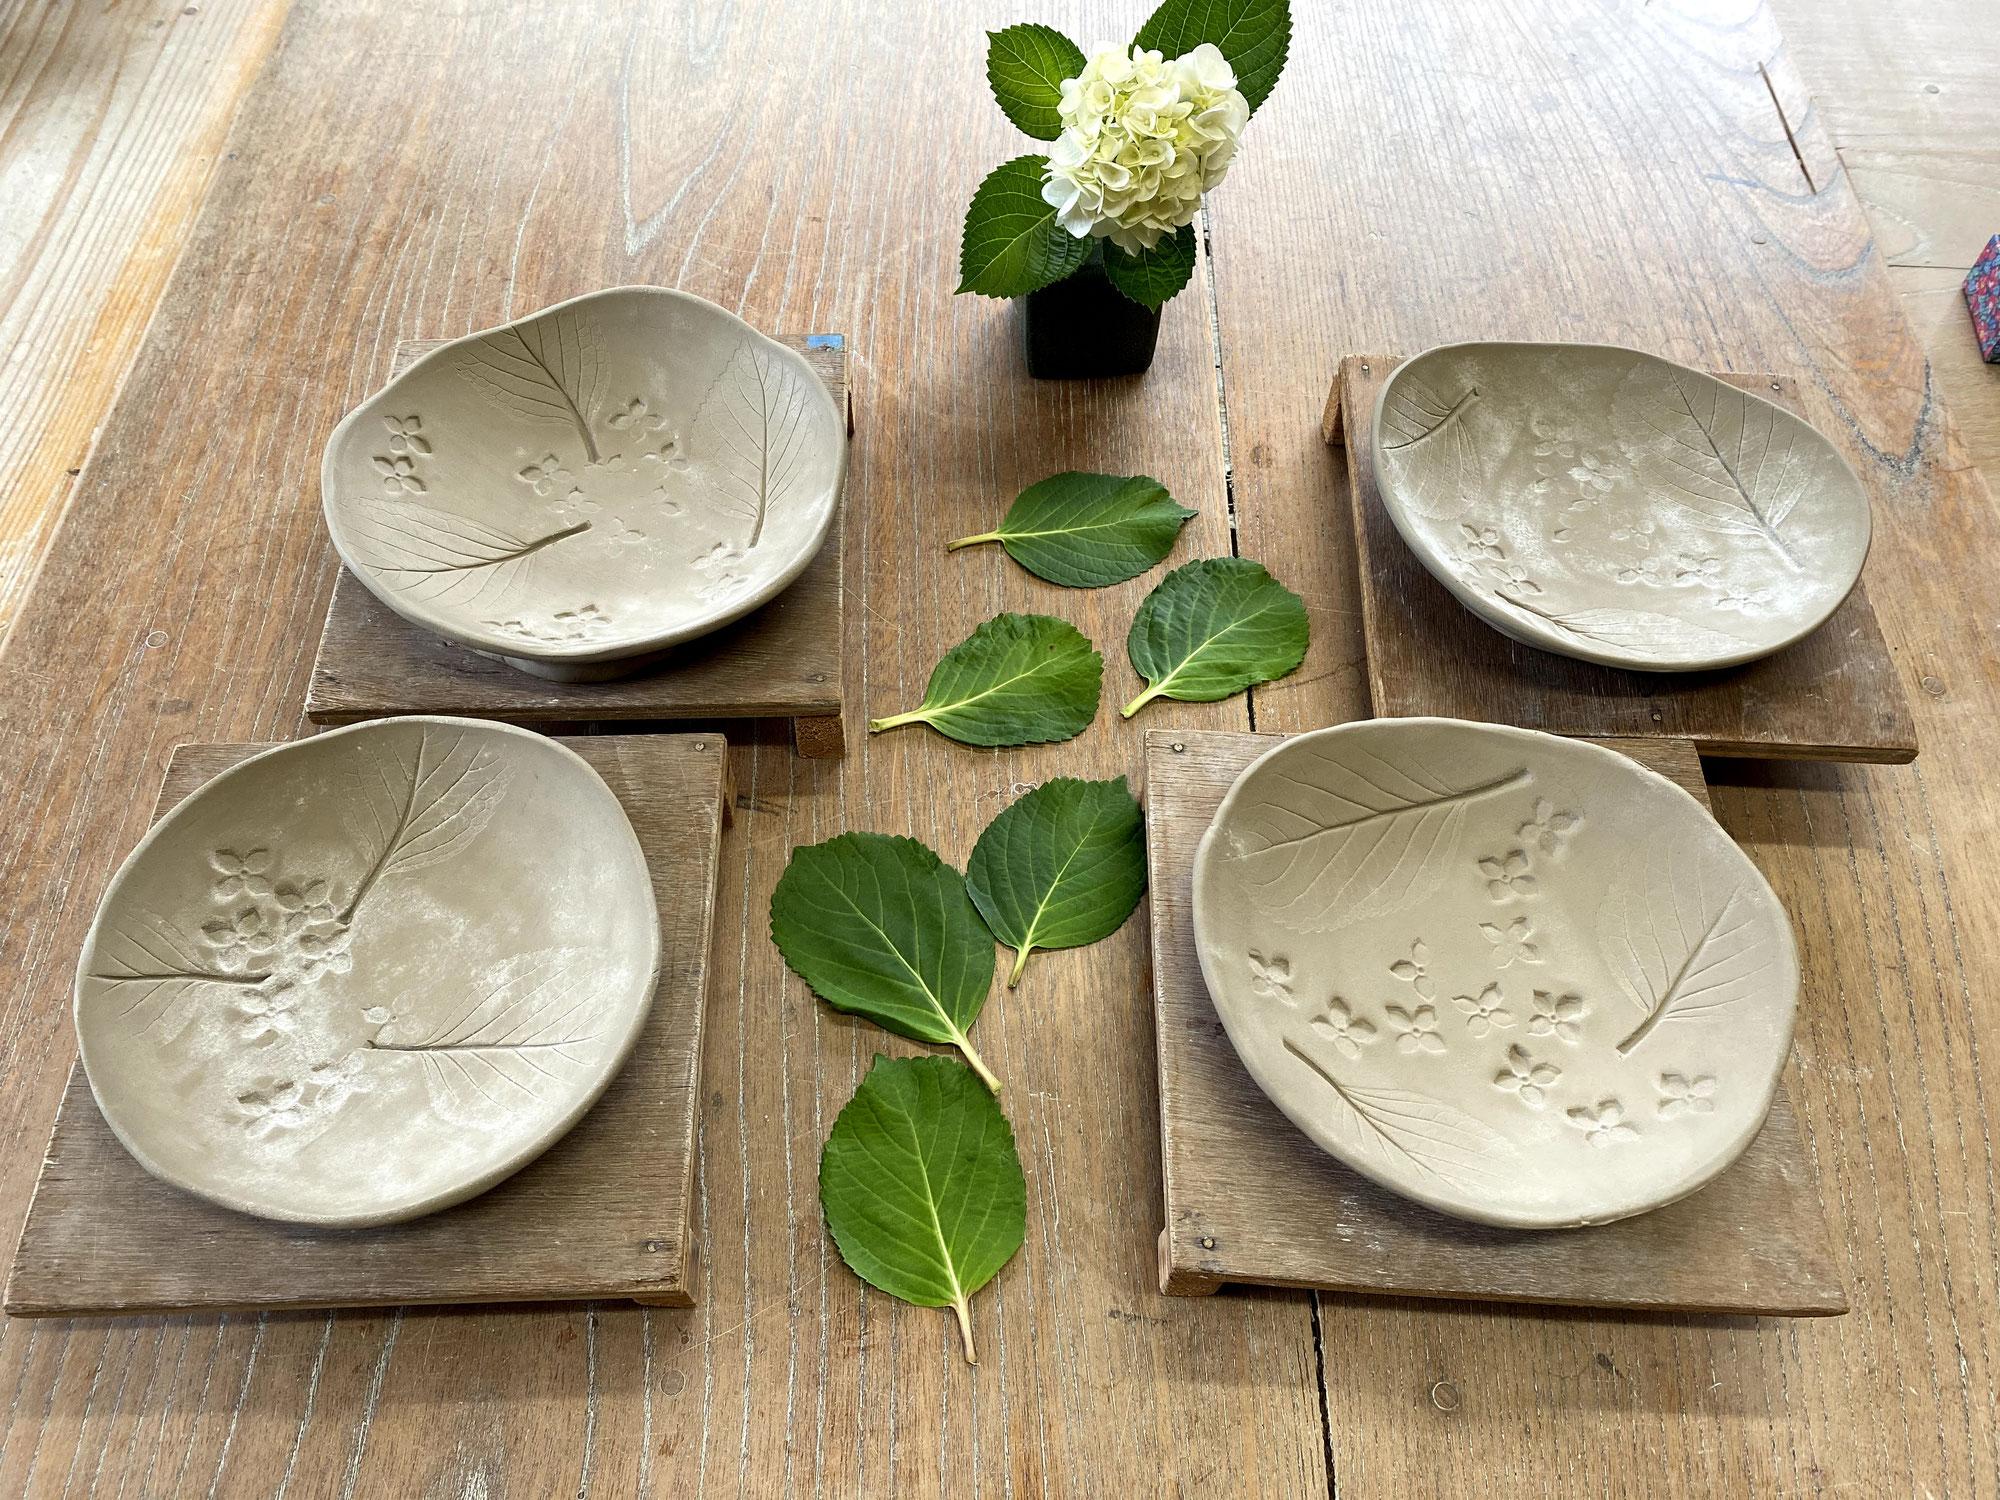 宮崎市 梅雨タイムの陶芸体験 「アジサイお皿」に挑戦♪